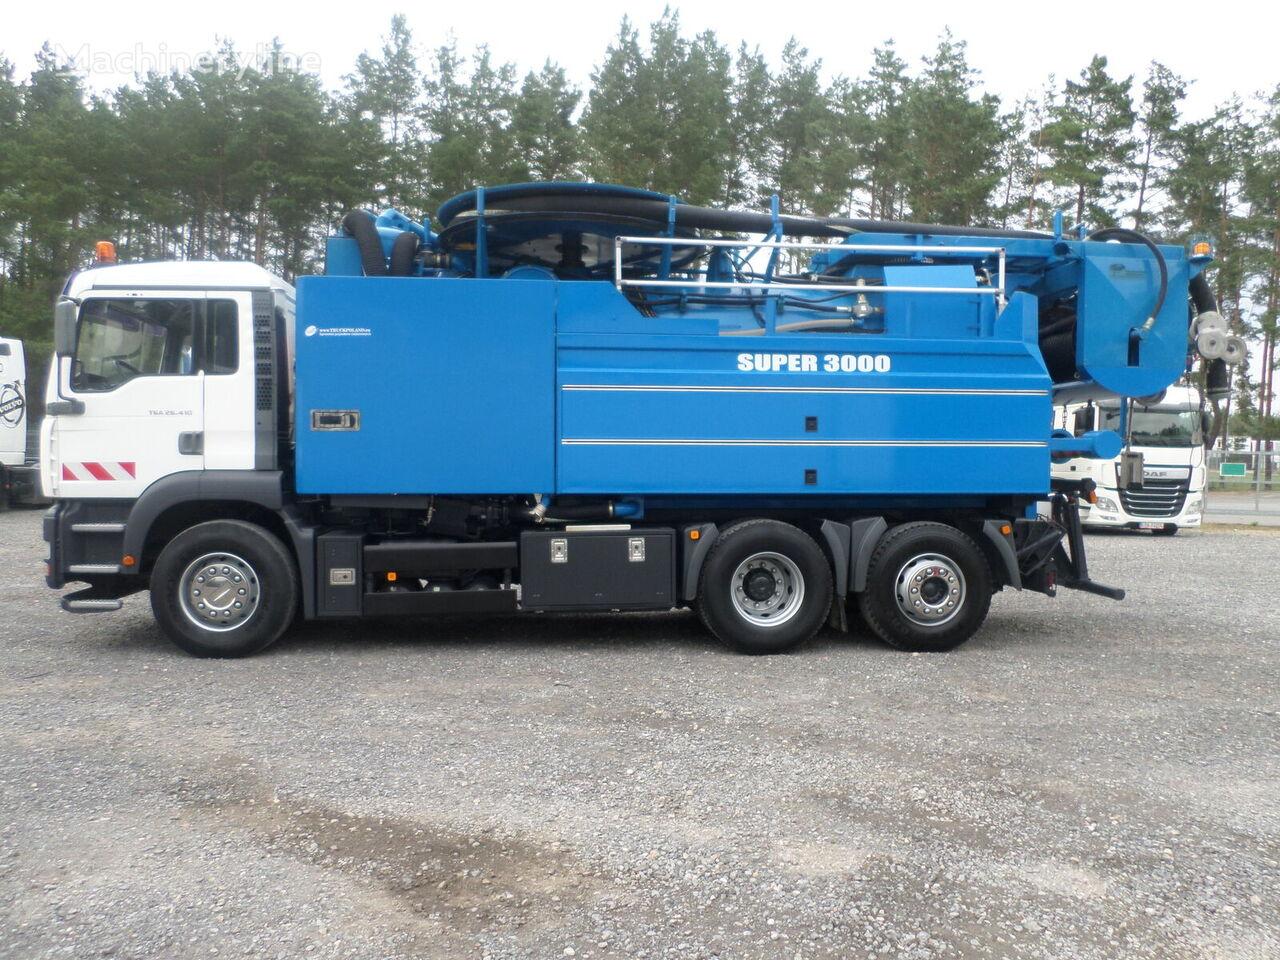 MAN WUKO Wiedemann Super 3000 z recyklingiem PRZEBIEG 53 777 km vacuum truck